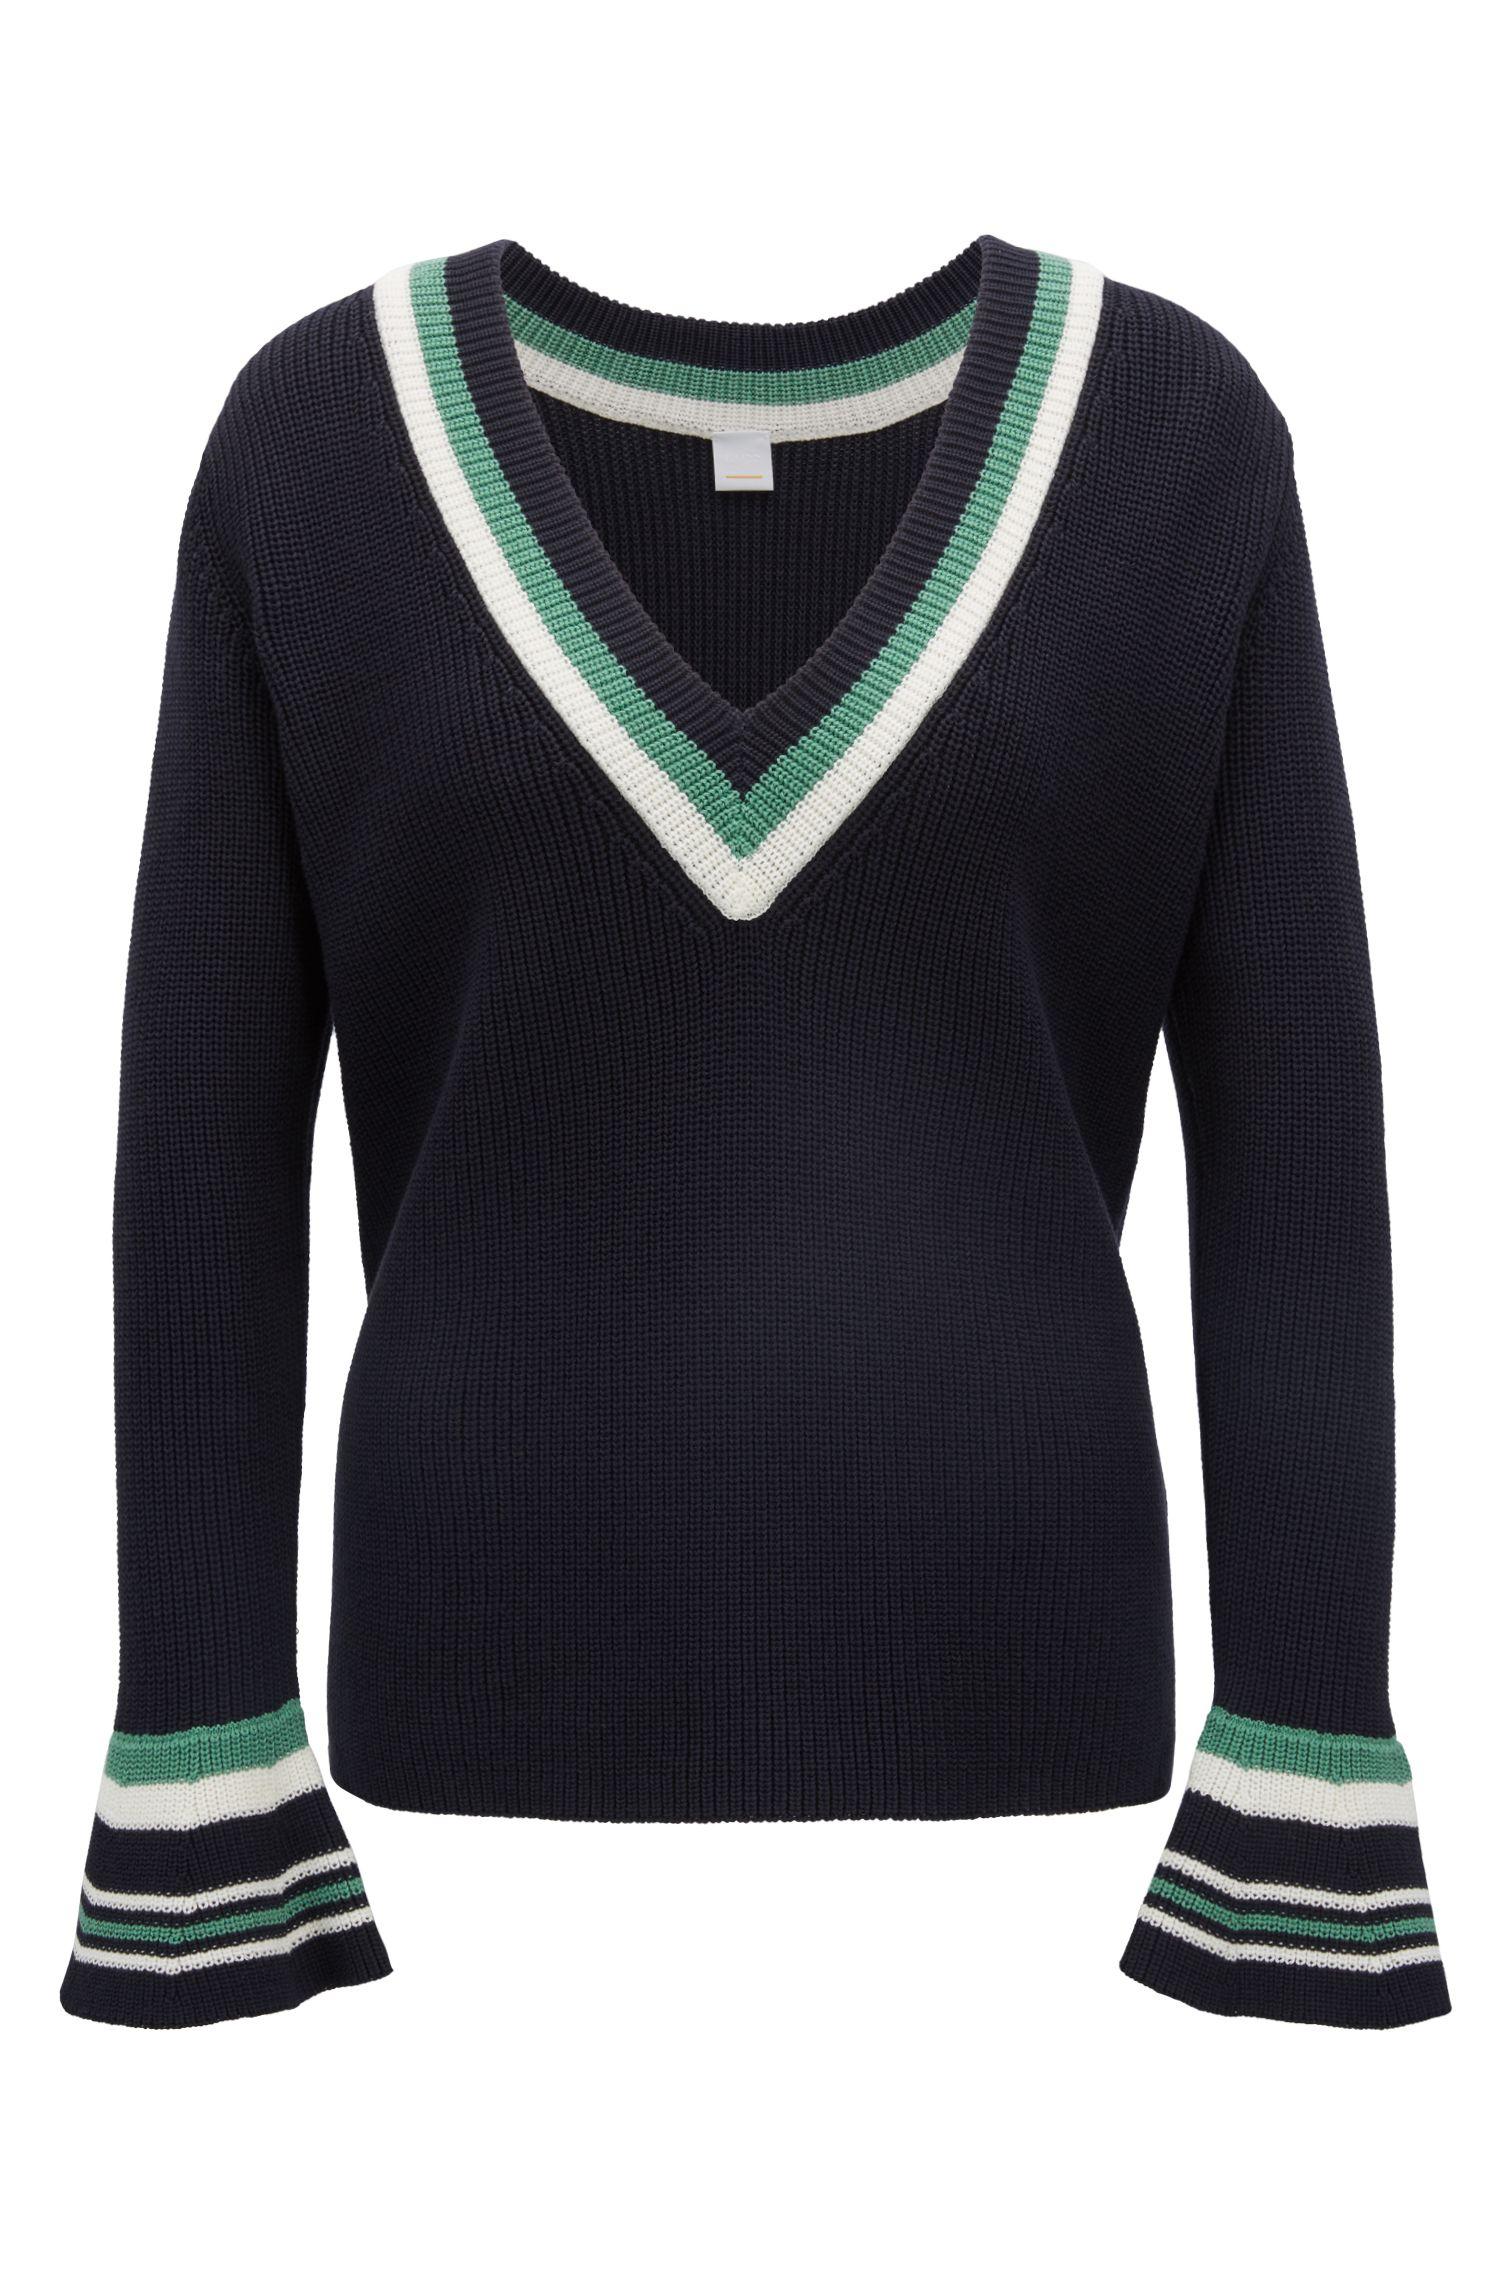 Baumwoll-Pullover mit V-Ausschnitt und kontrastfarbenem Streifen-Dessin